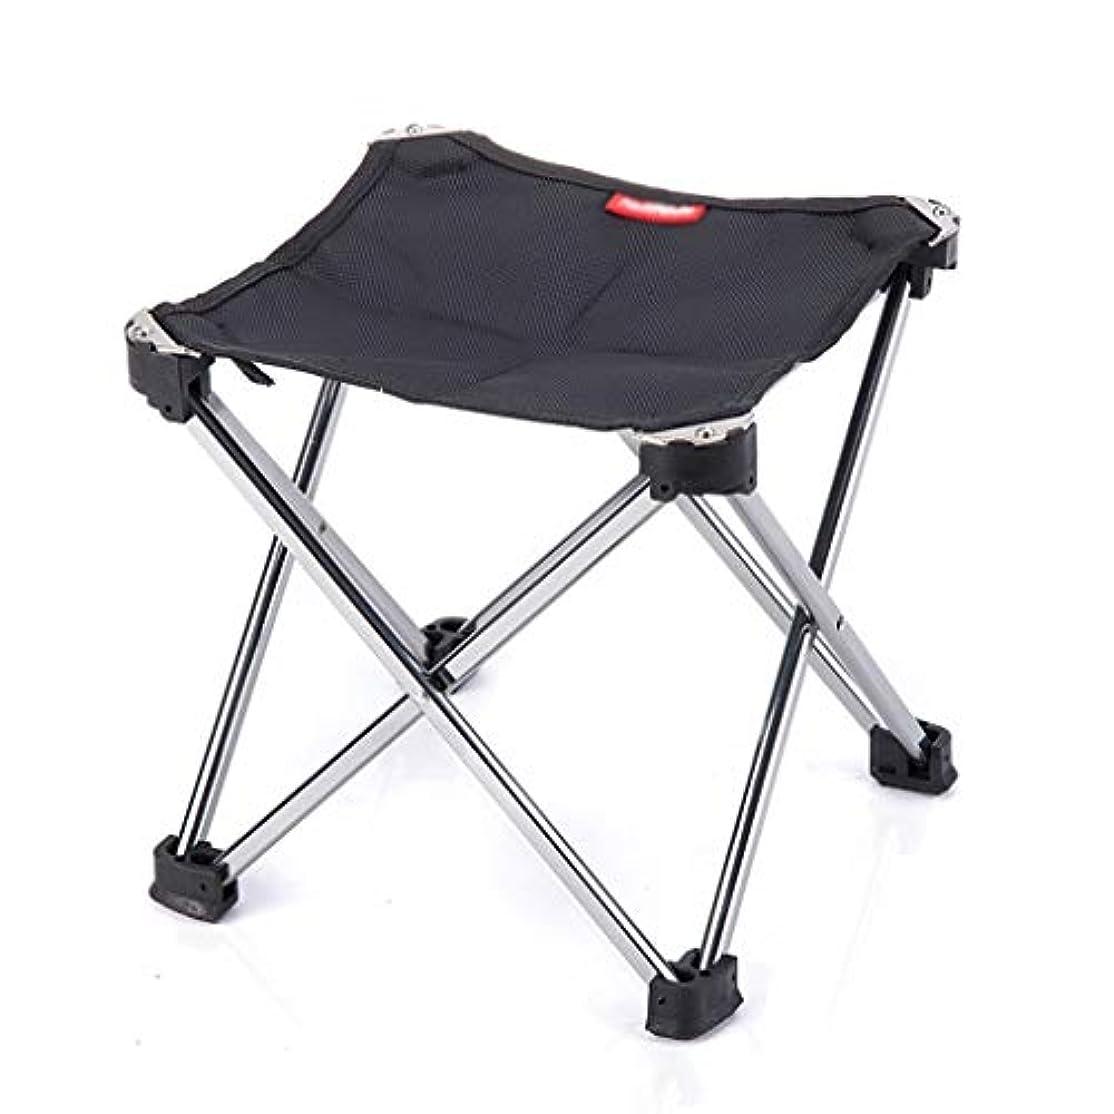 コカインベテランベックス折りたたみ椅子キャンプチェア釣りチェア 屋外ガーデンチェアラウンジチェア ホーム釣りチェアアートスケッチチェア 耐荷重100kg (Color : Black, Size : 25*25*28cm)